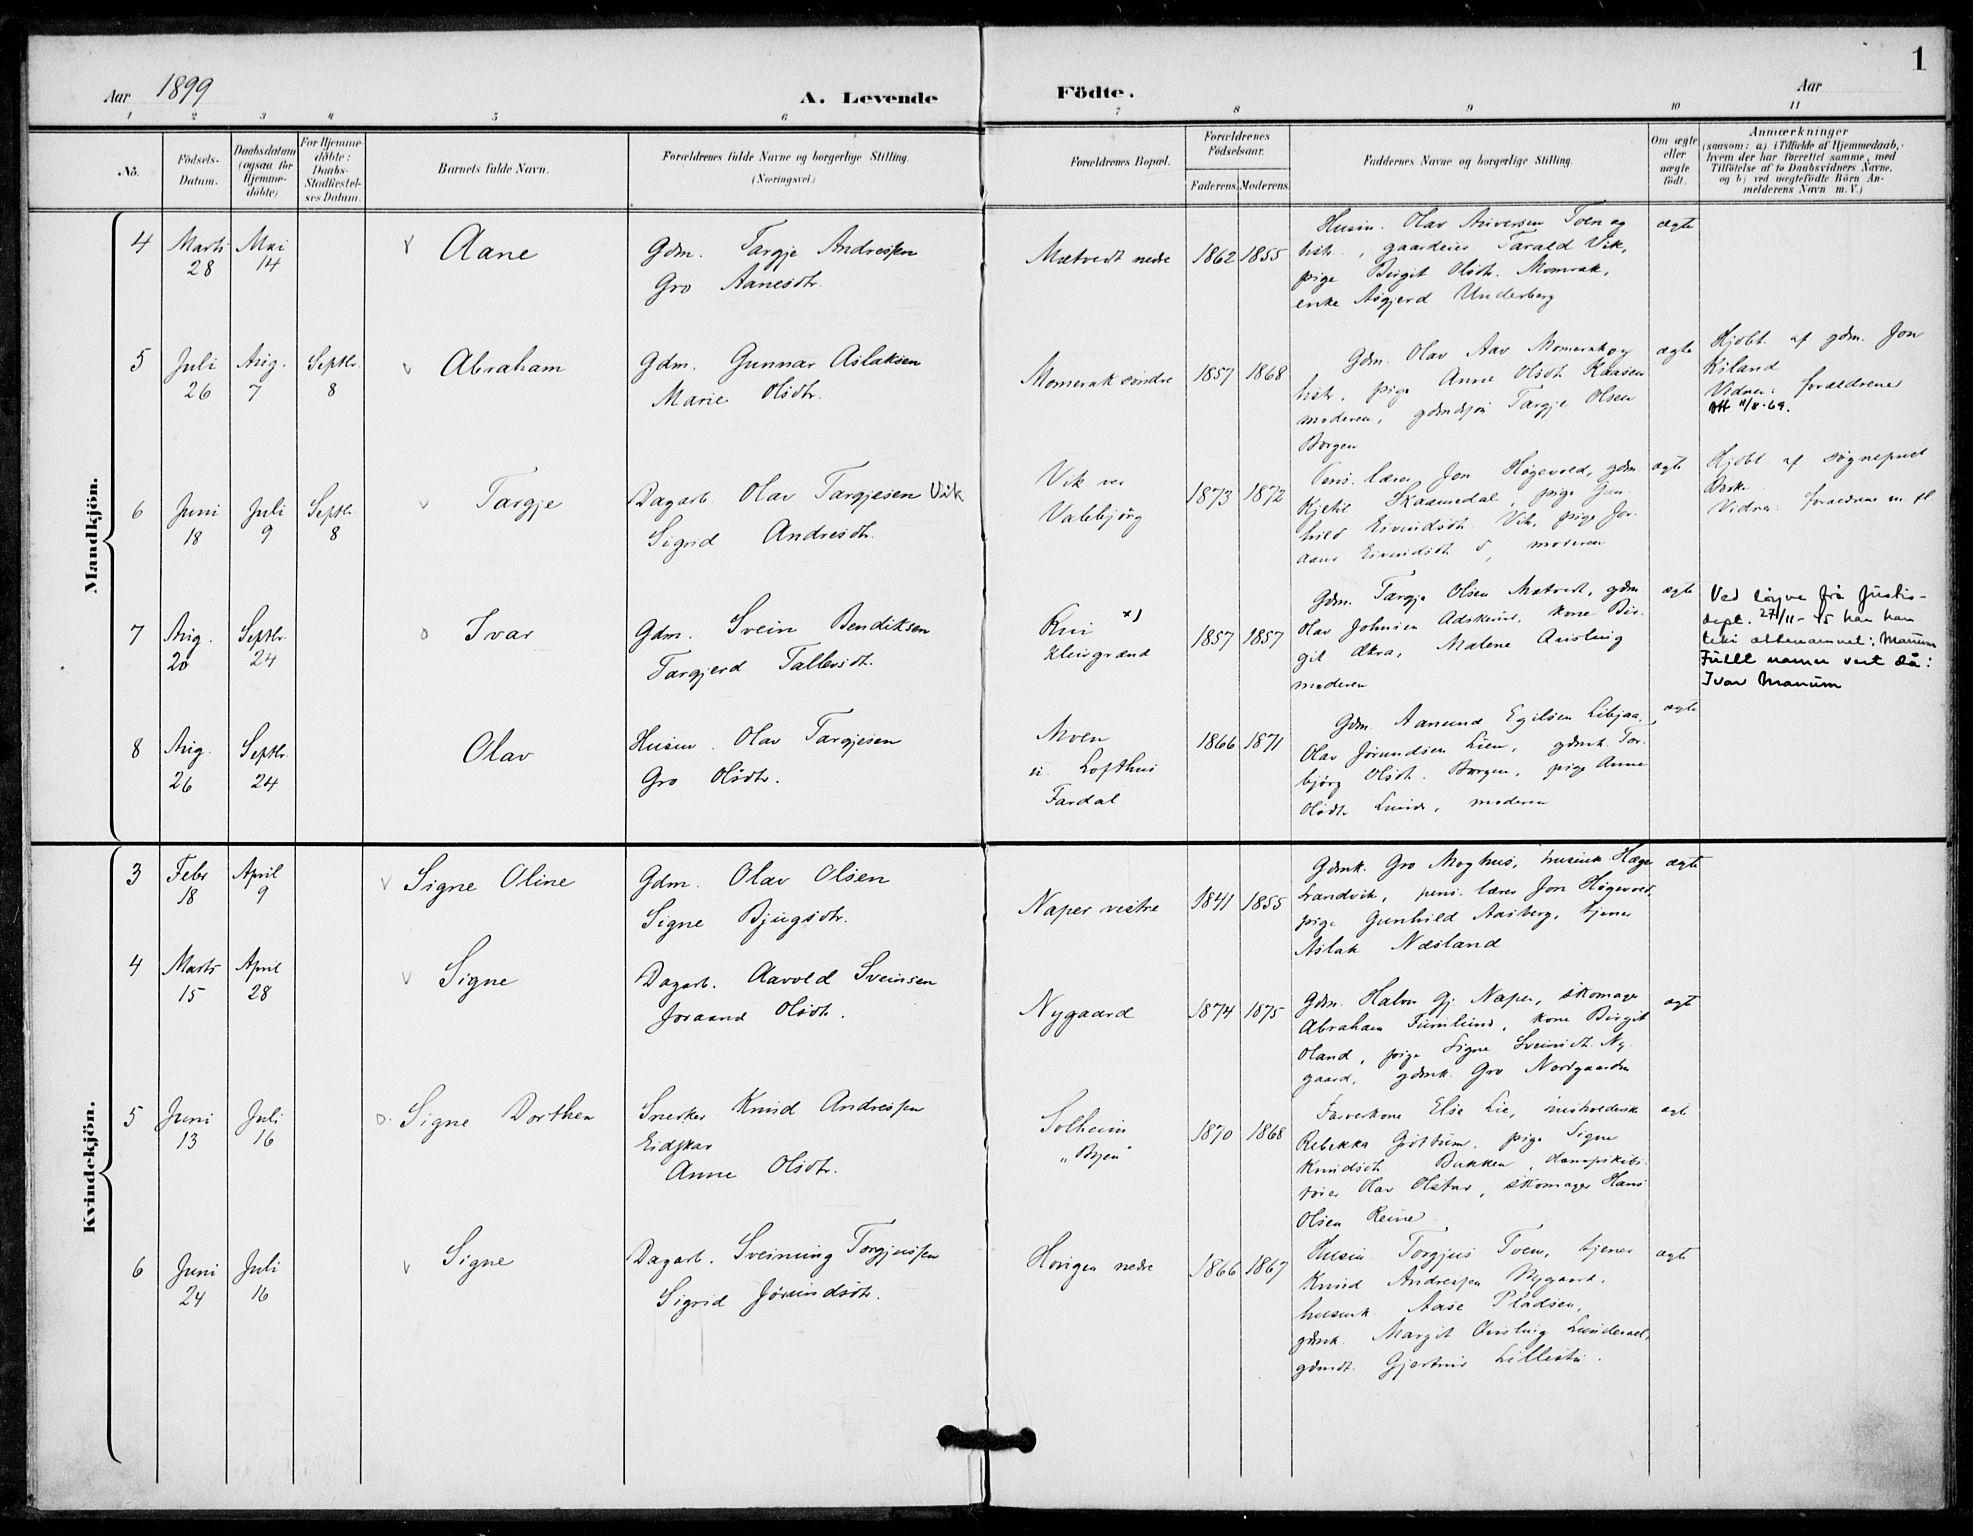 SAKO, Fyresdal kirkebøker, F/Fa/L0008: Ministerialbok nr. I 8, 1899-1914, s. 1